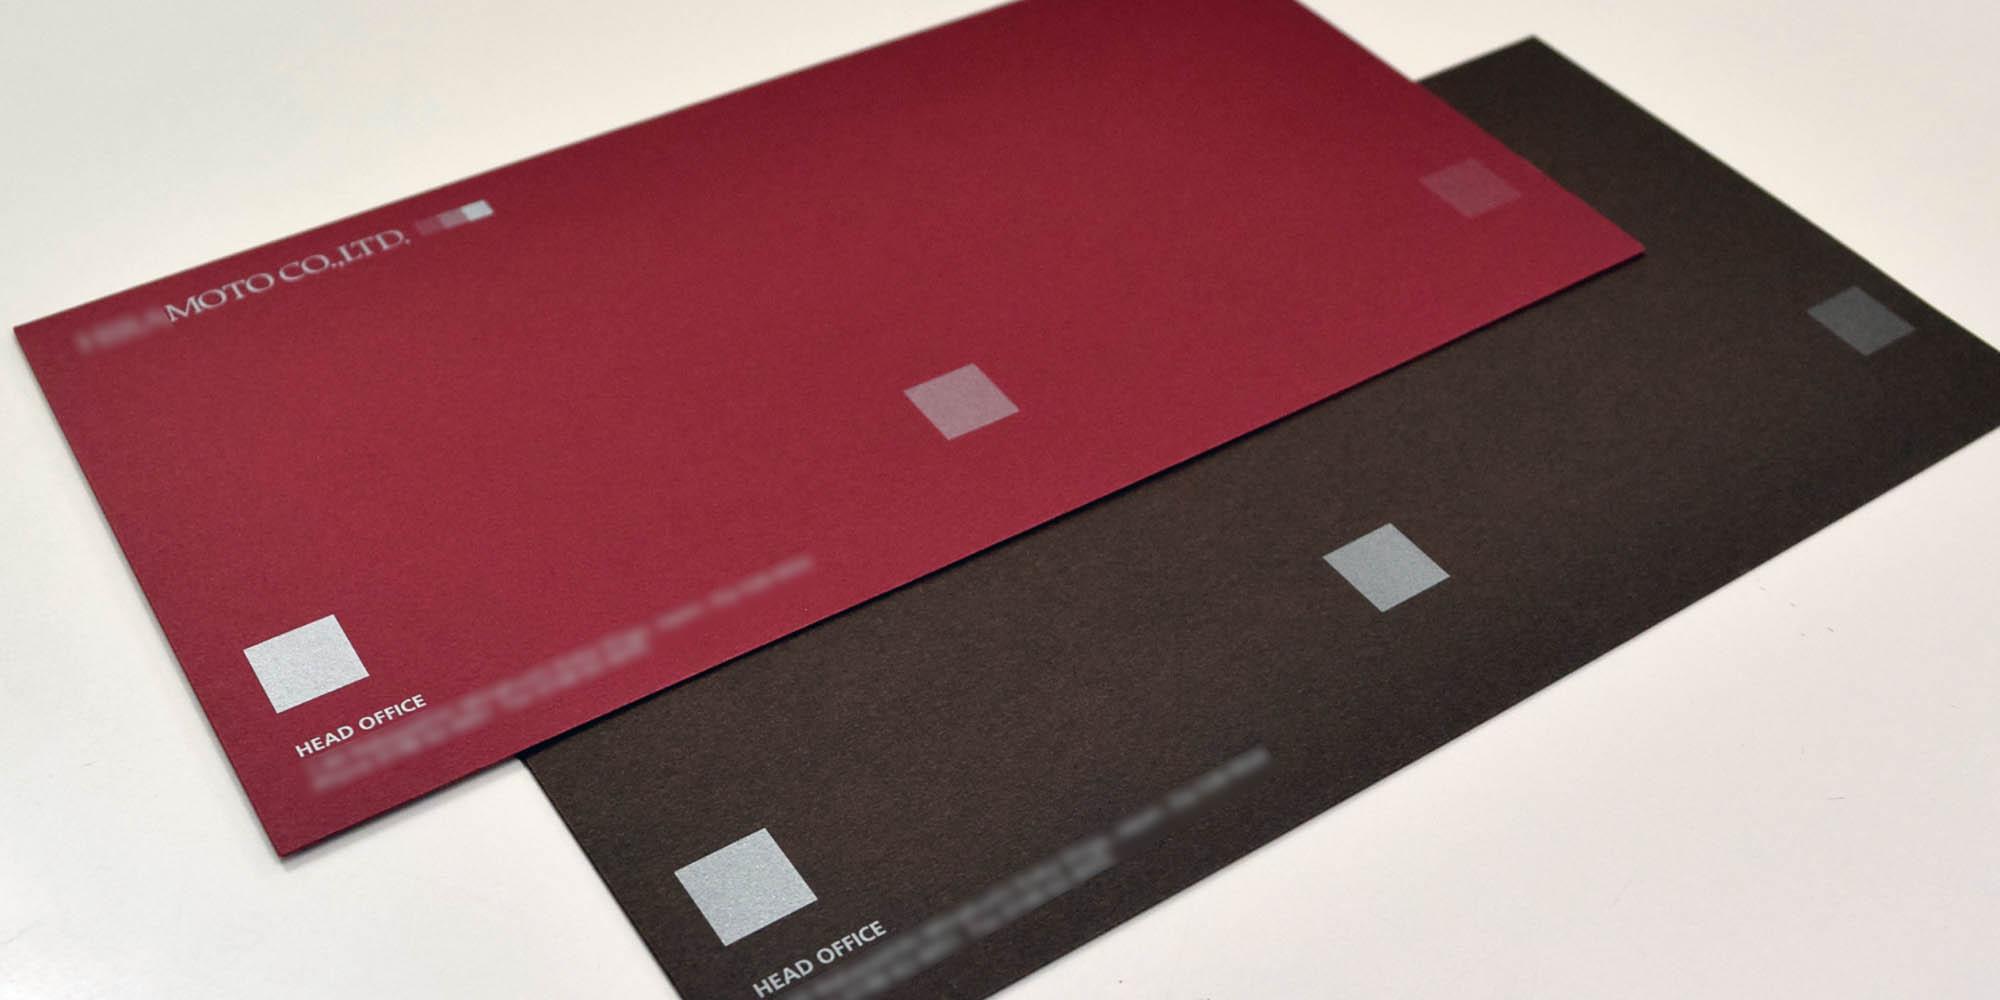 アパレルショップ用の汎用長3カマス封筒。特殊用紙+メタリック印刷で個性的な仕上がりです。